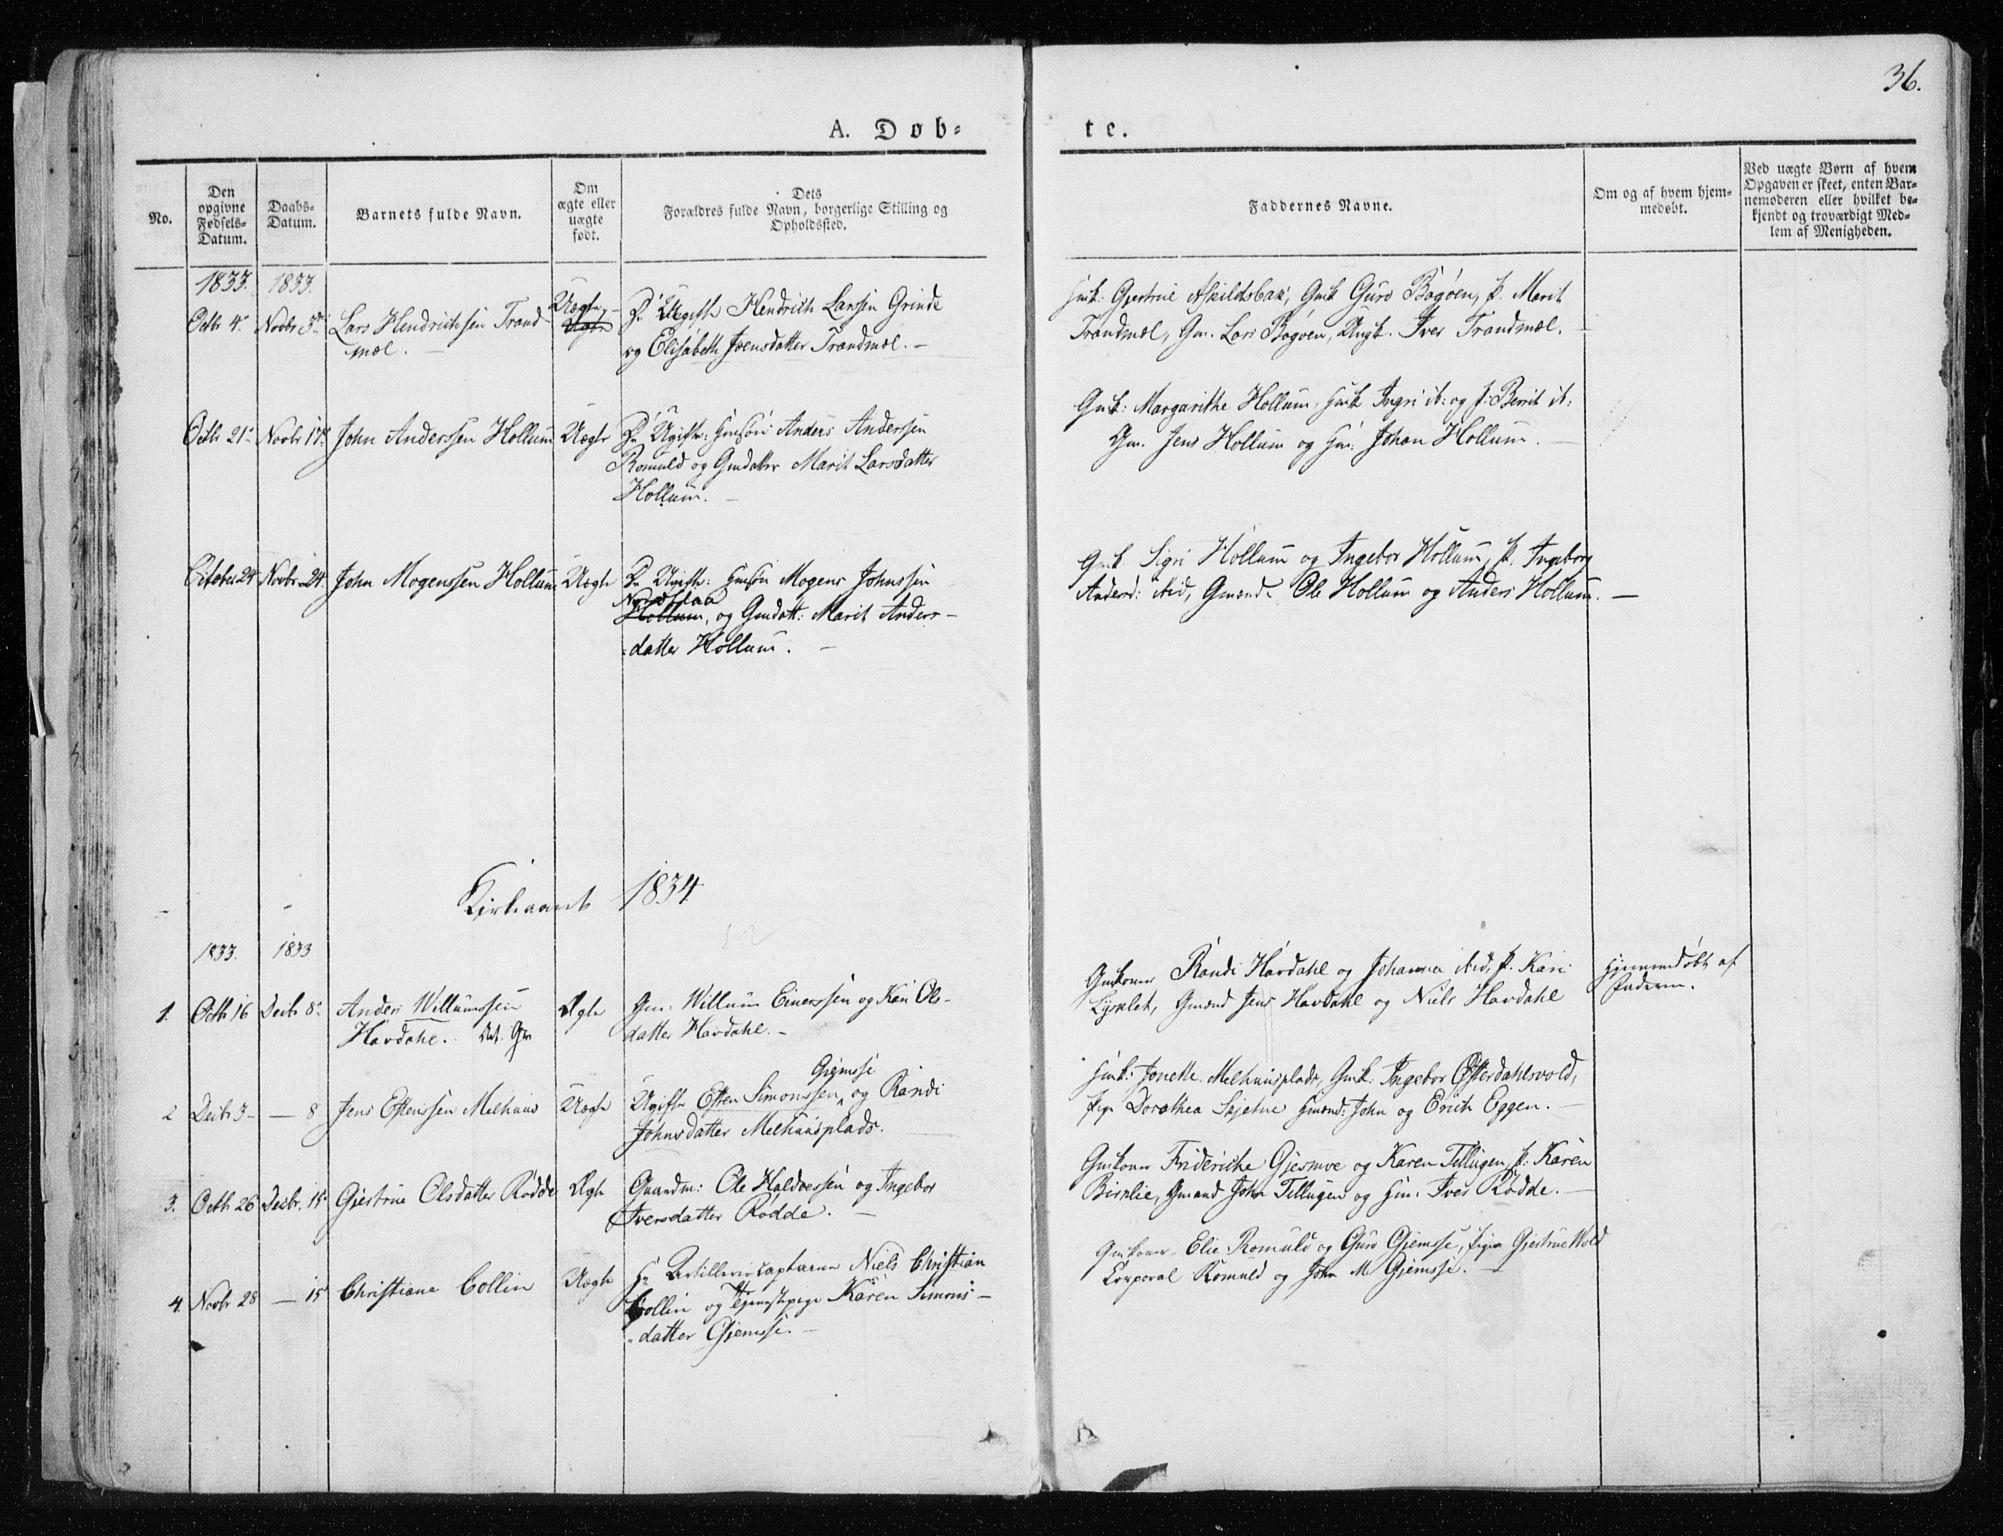 SAT, Ministerialprotokoller, klokkerbøker og fødselsregistre - Sør-Trøndelag, 691/L1069: Ministerialbok nr. 691A04, 1826-1841, s. 36